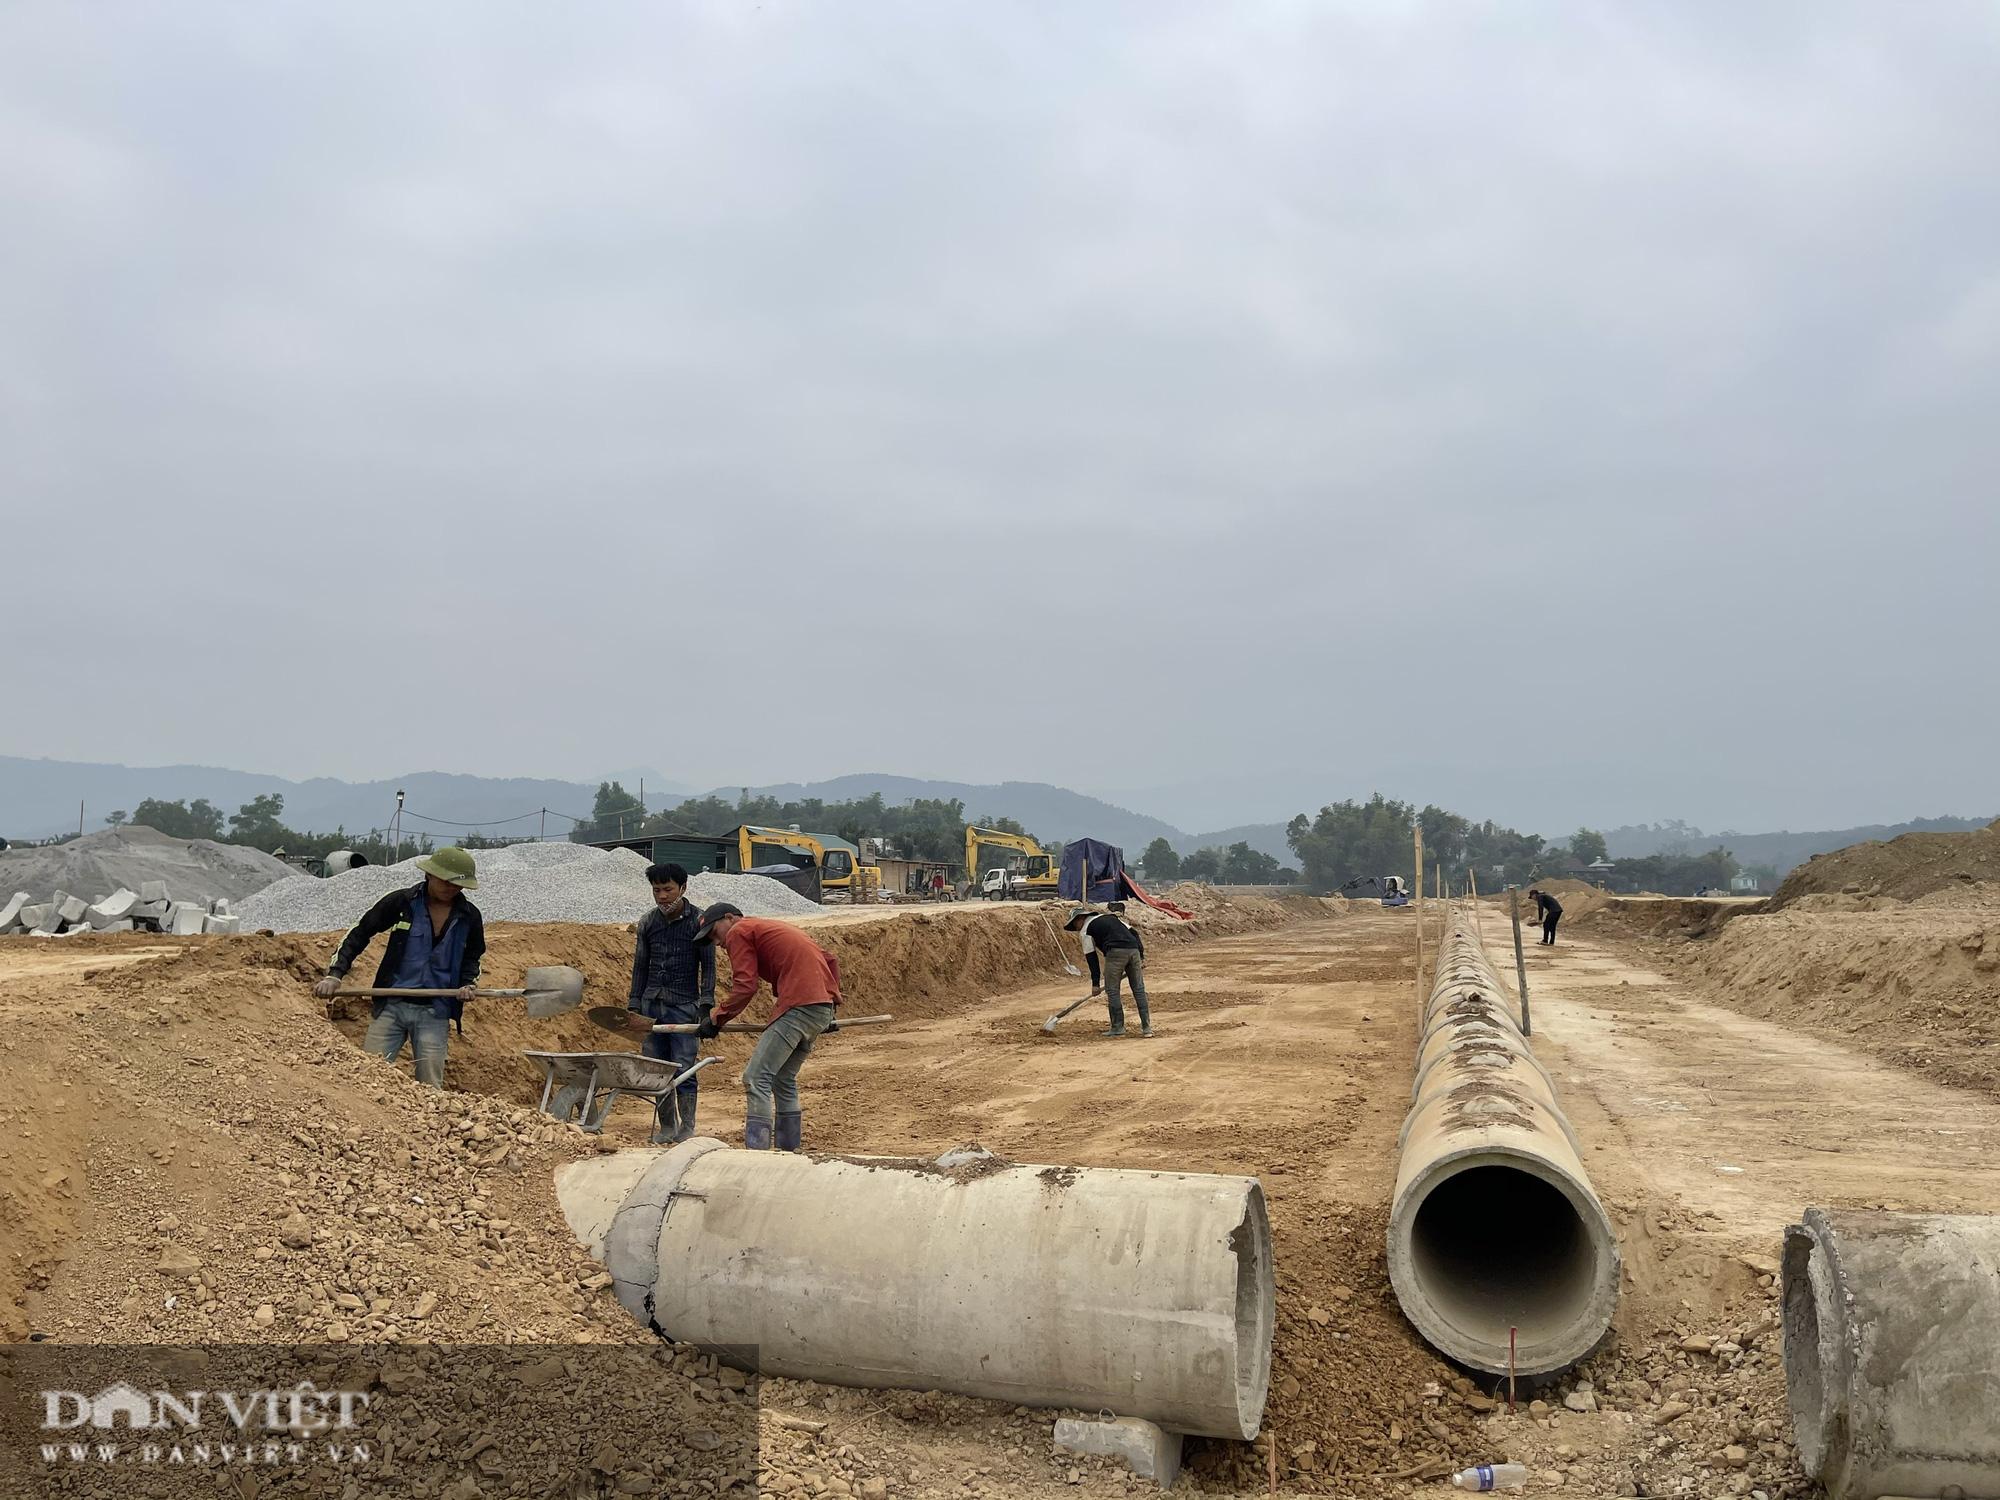 Thủ tướng phê duyệt chủ trương dự án mở rộng Cảng Hàng không Điện Biên - Ảnh 1.